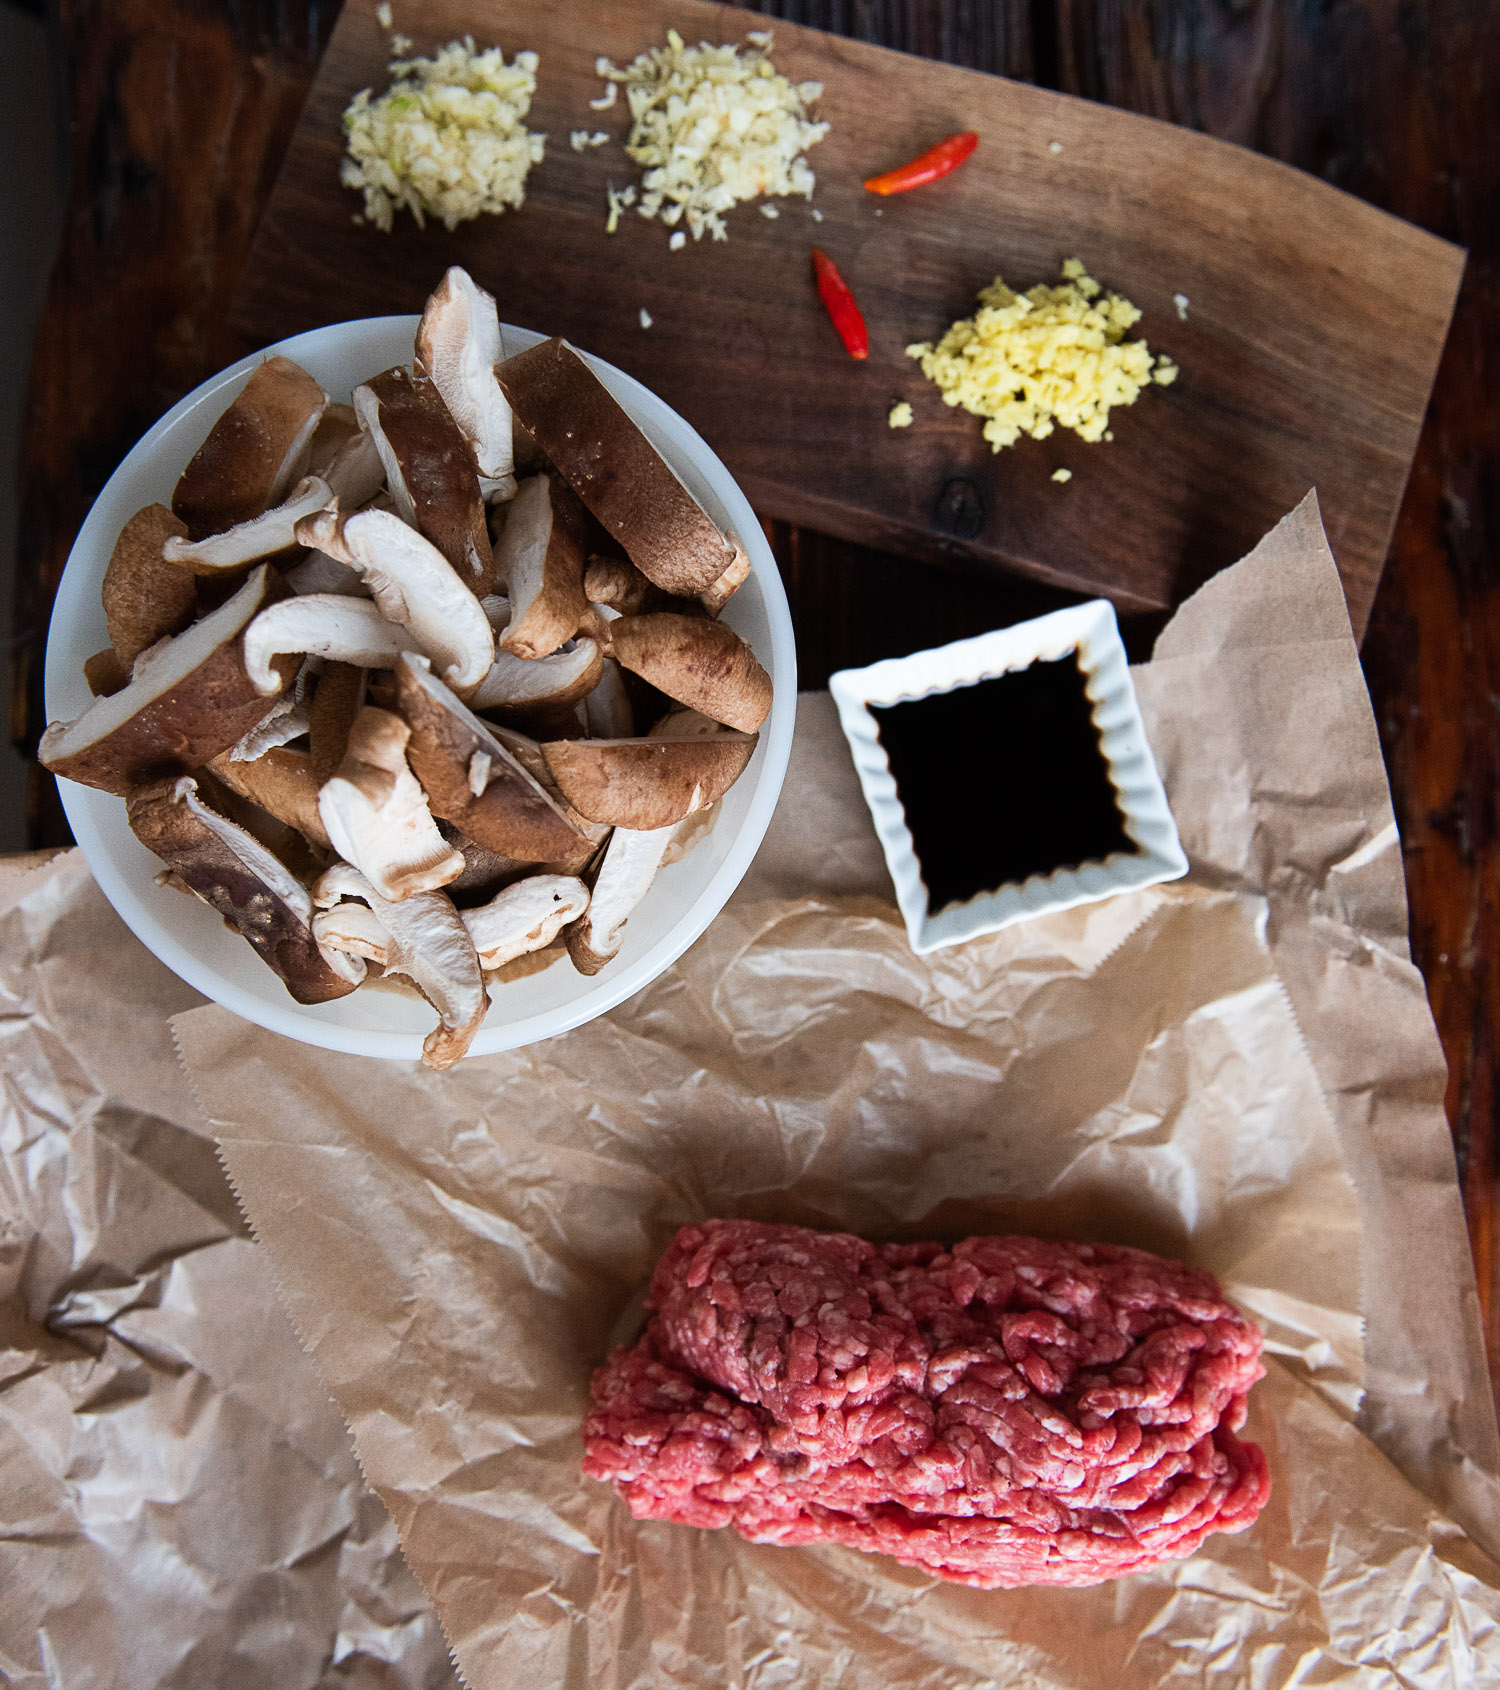 Beef and Shiitake Mushroom Bahn Mi Tacos